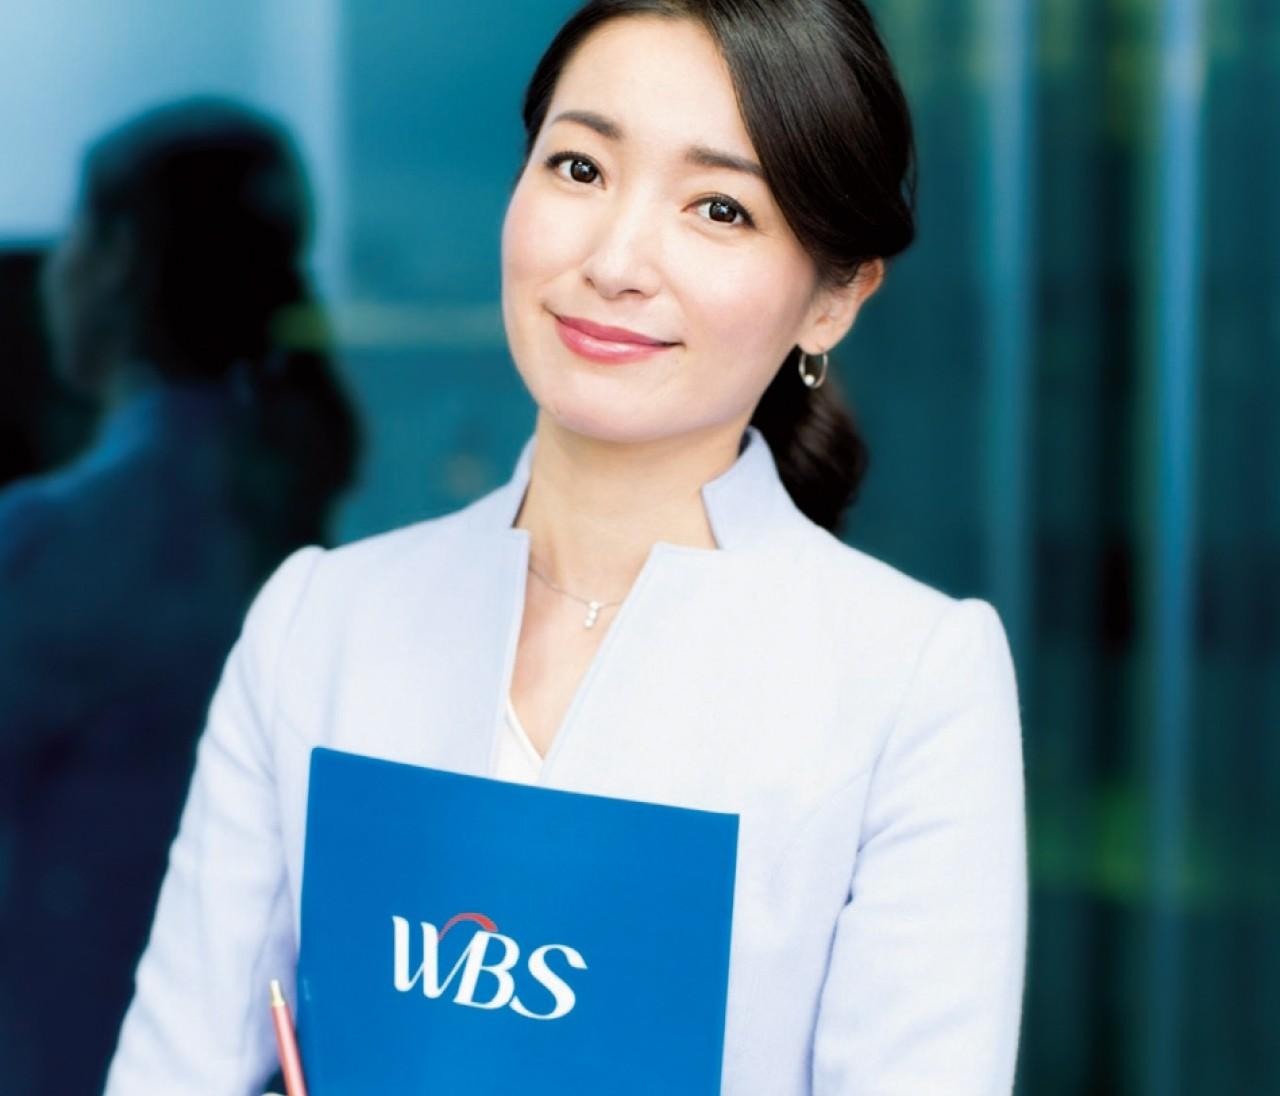 テレビ東京キャスターの大江麻理子さん流【働く30代のニュースゼミナール】